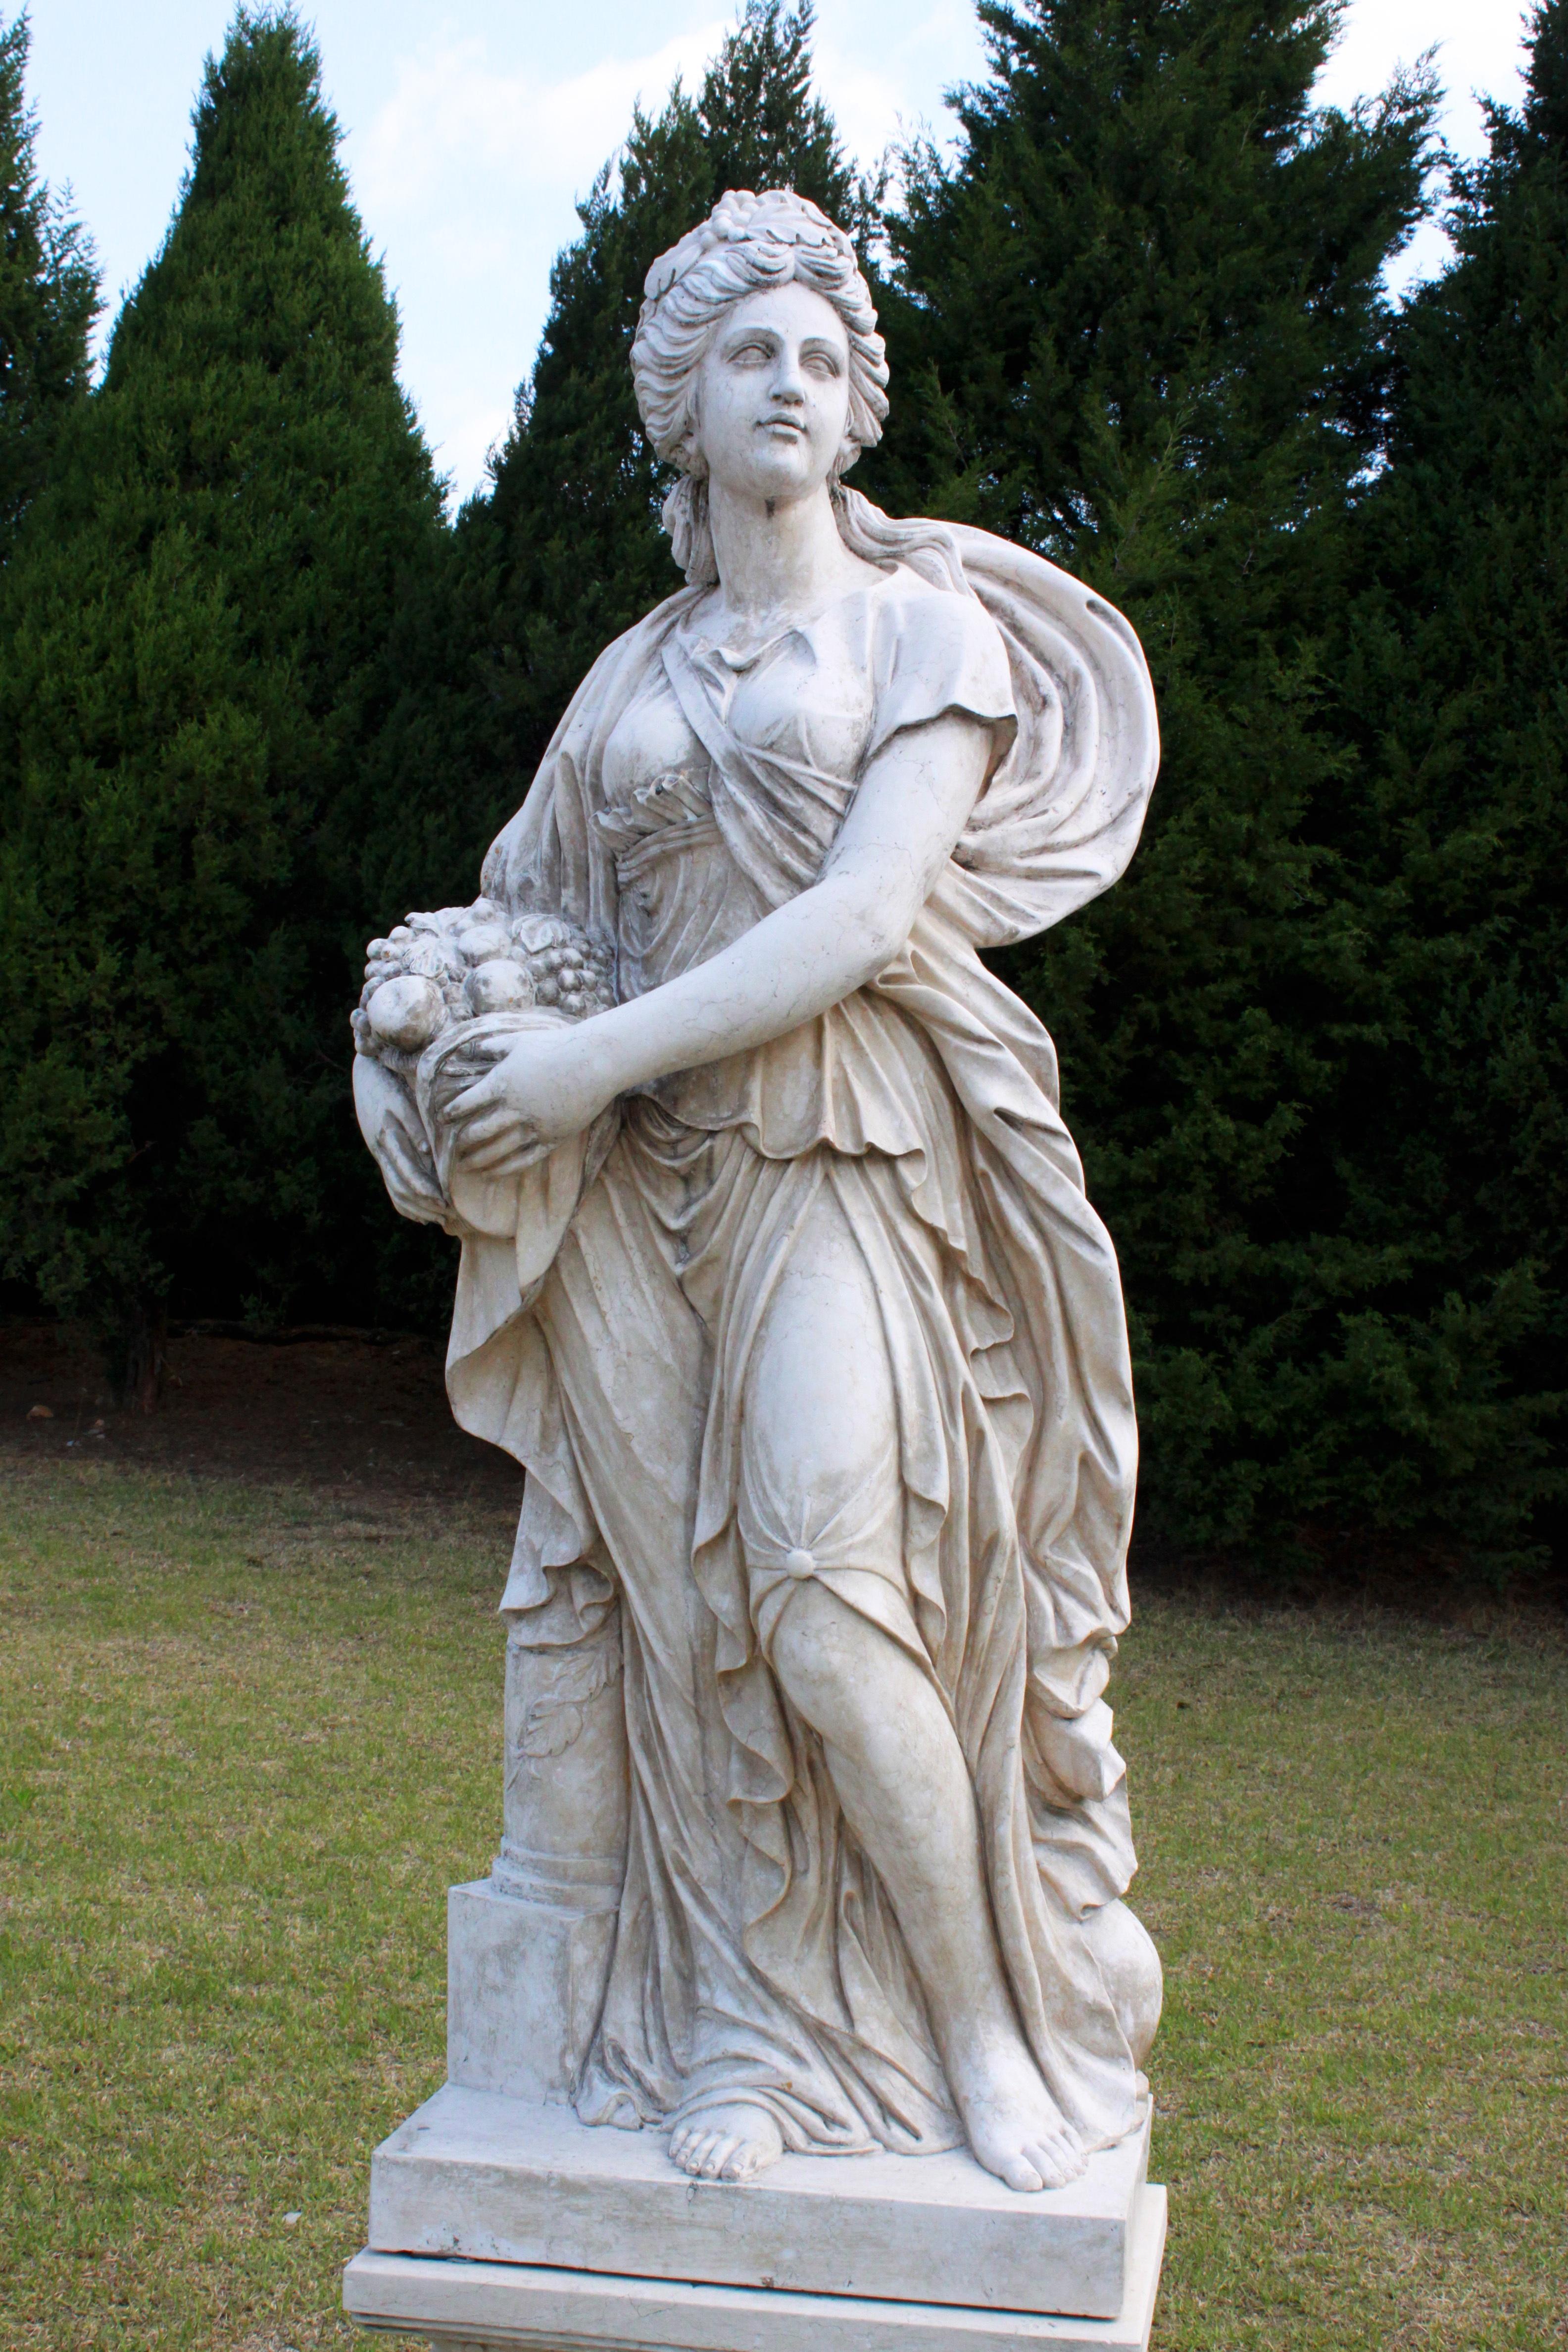 Gambar orang wanita monumen perjalanan model